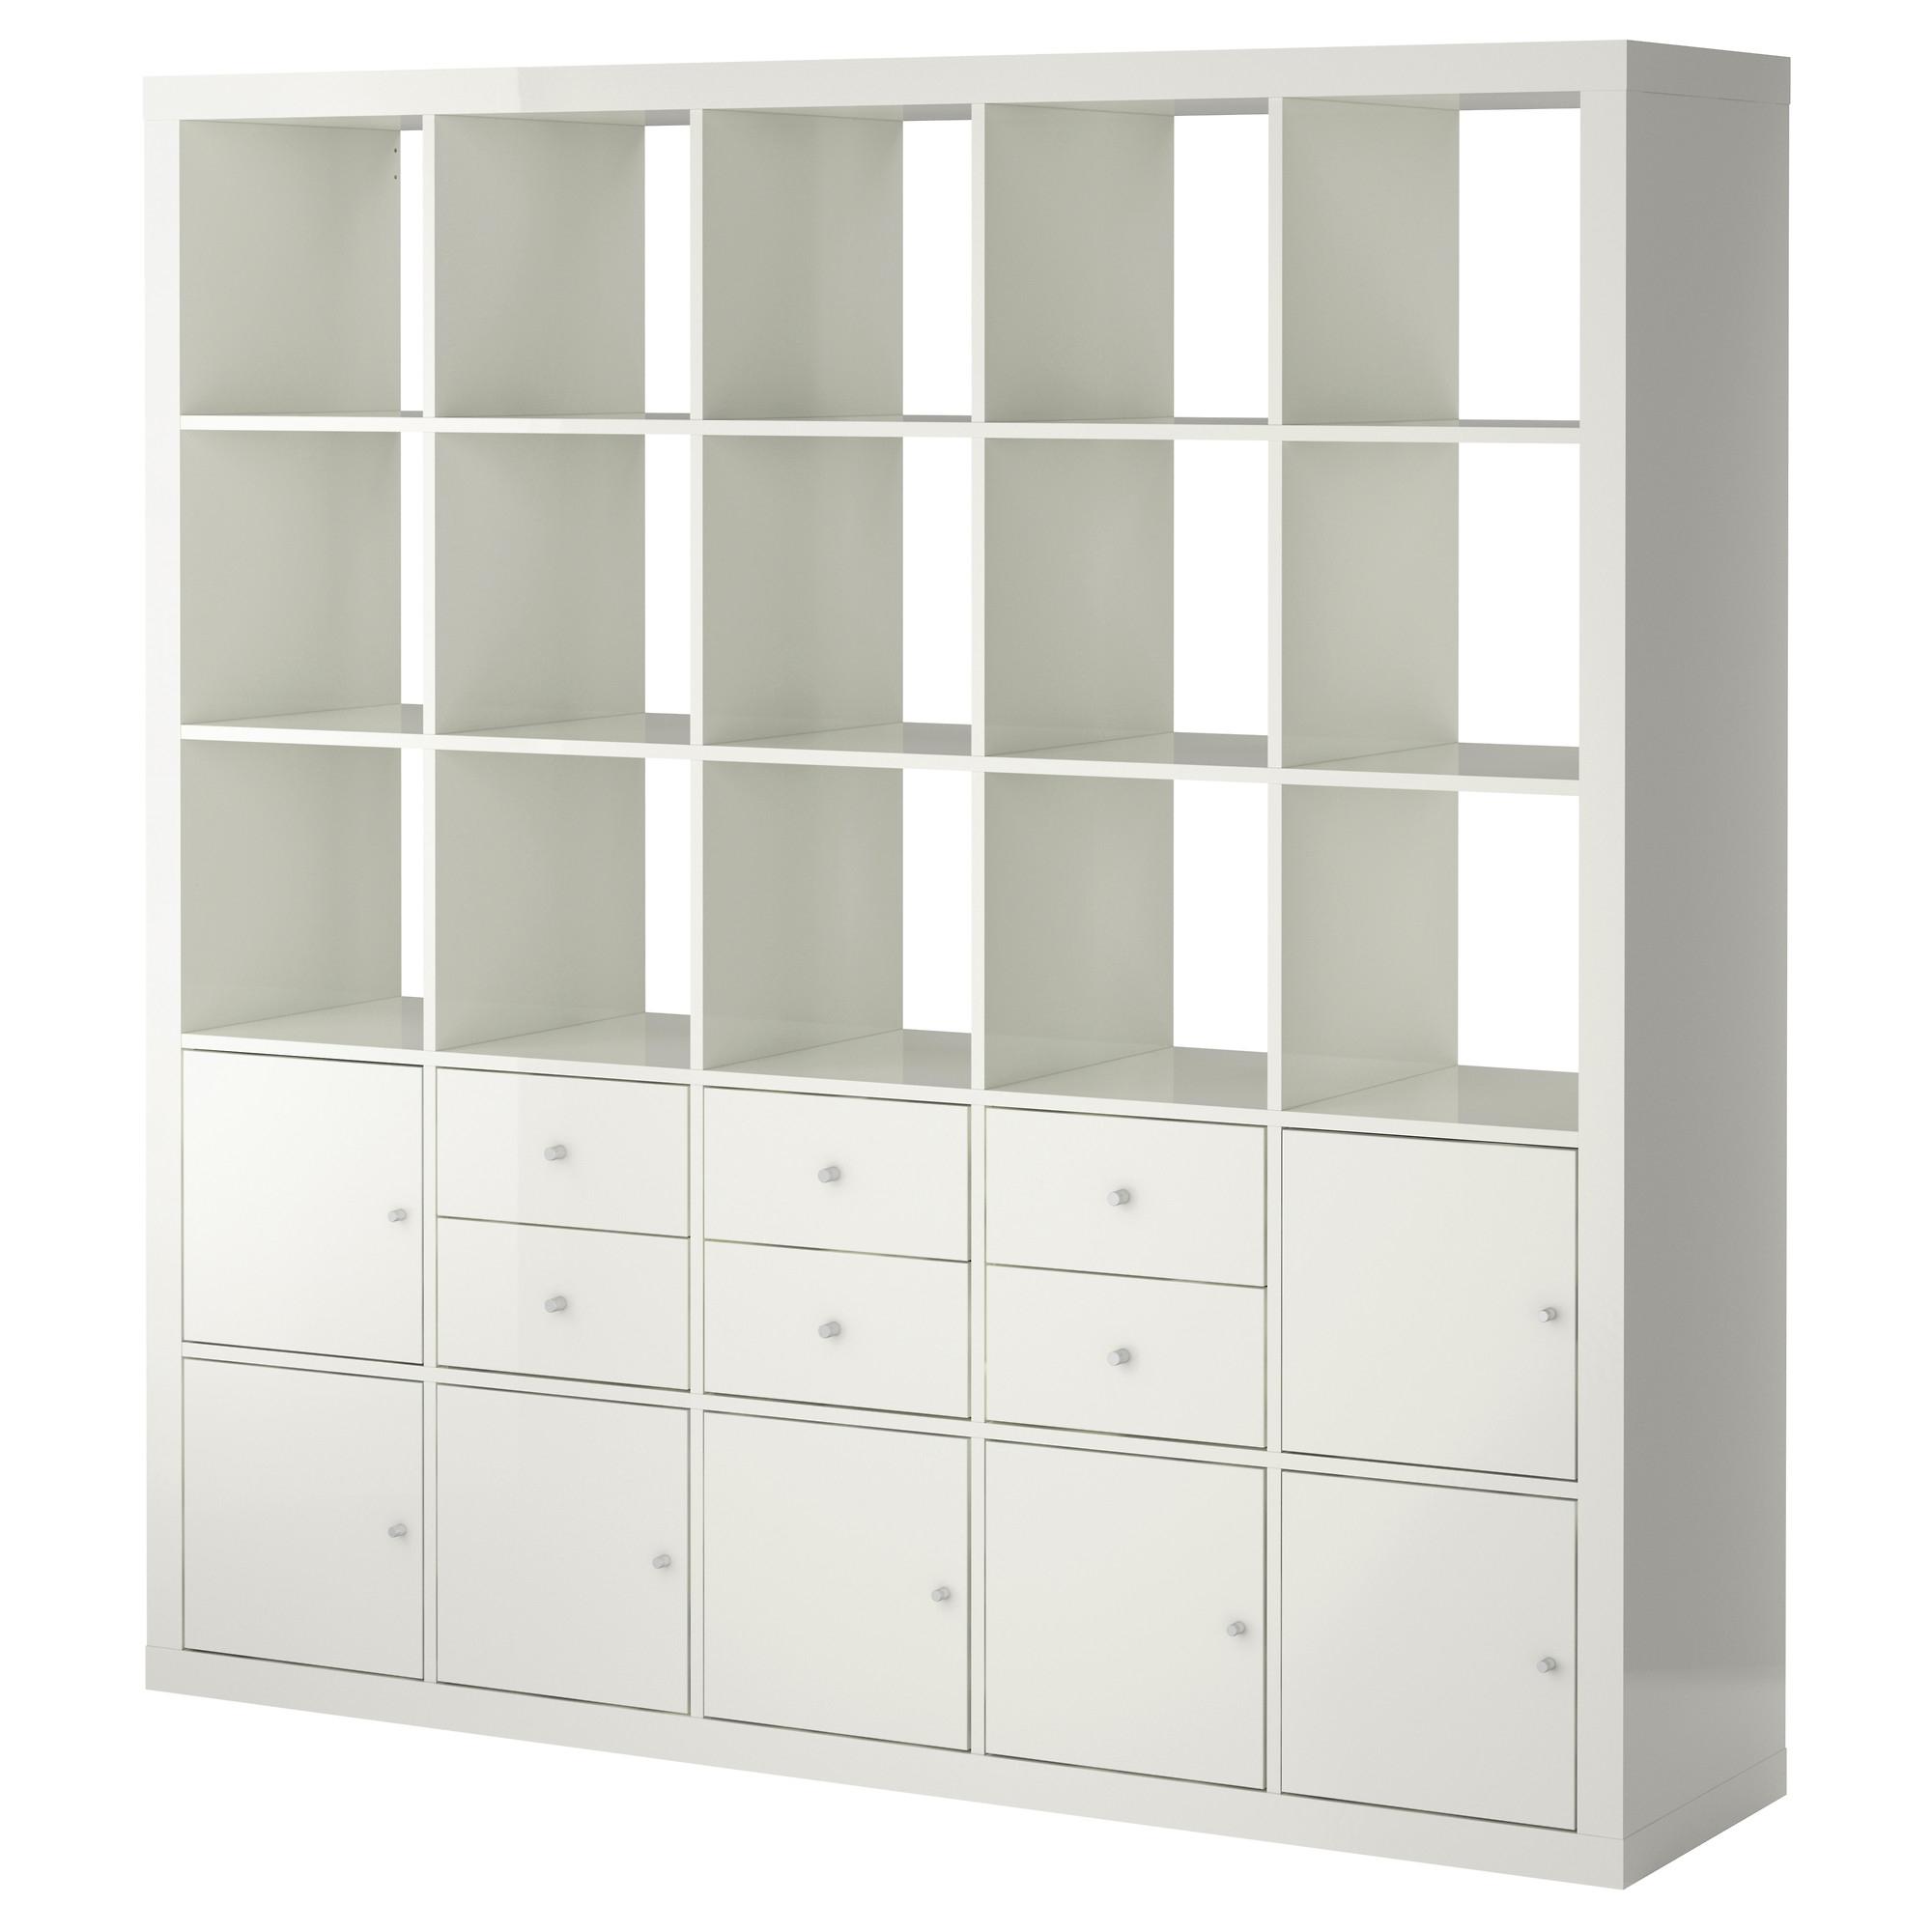 Muebles Separador De Ambientes Dise Os Arquitect Nicos Mimasku Com # Muebles Separadores Para Monoambientes